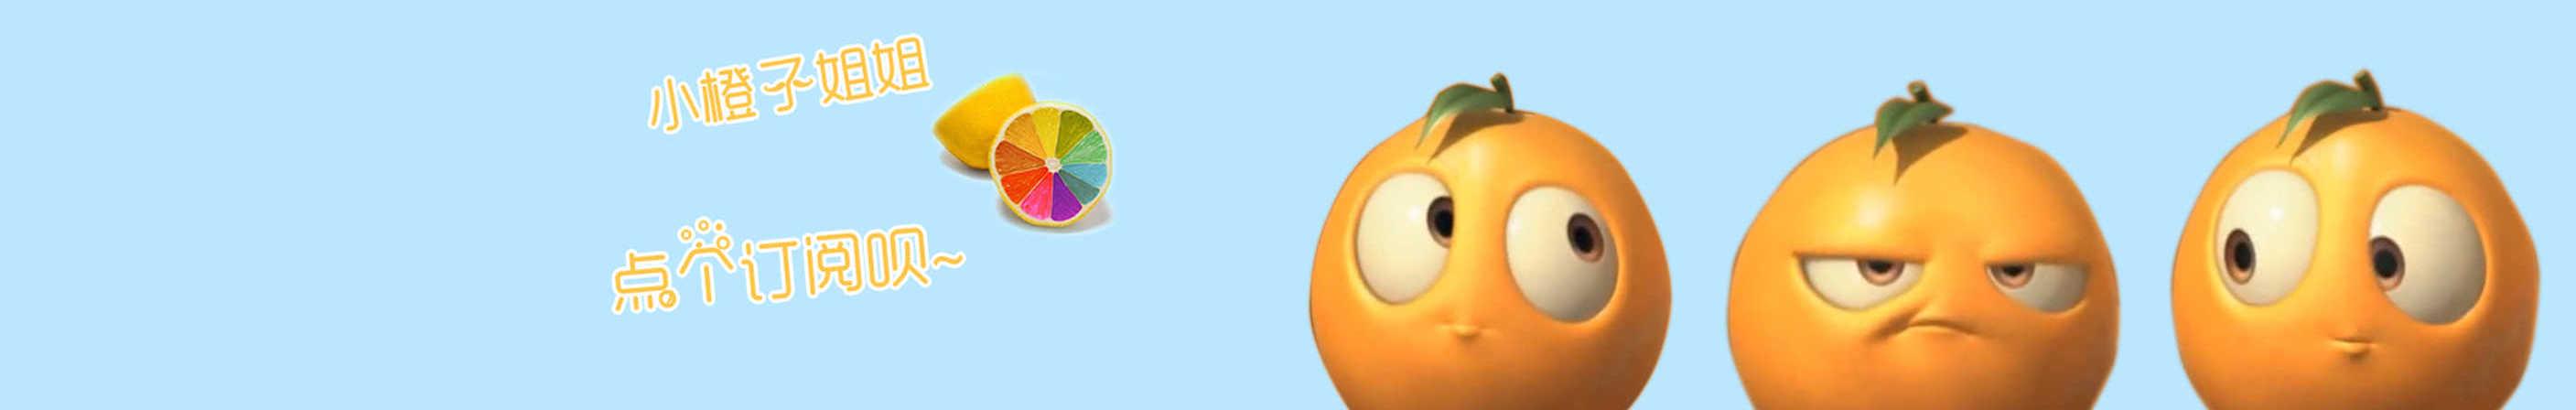 小橙子姐姐_小橙子姐姐姐 banner